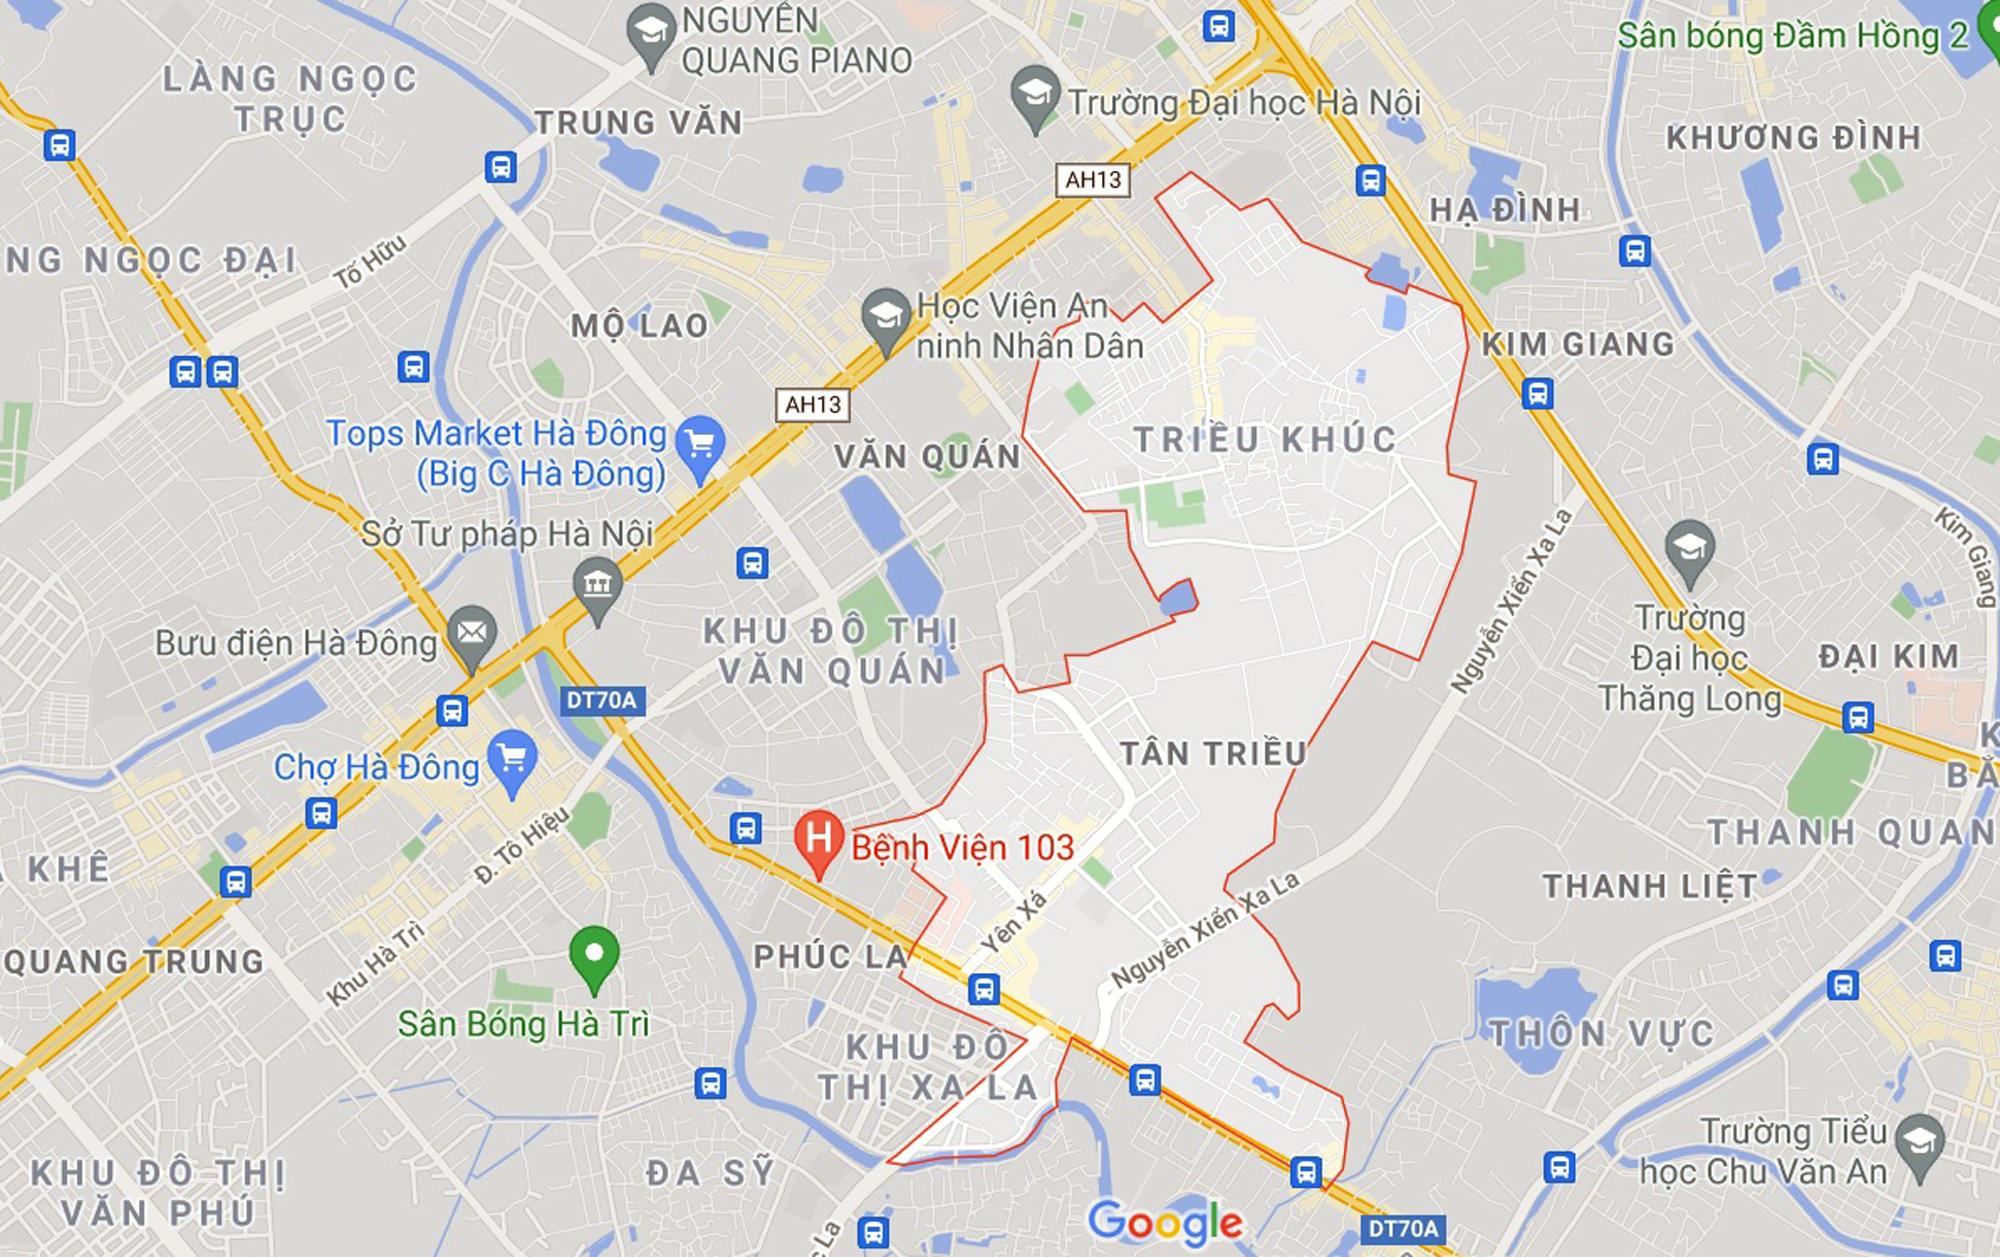 Những khu đất sắp thu hồi để mở đường ở xã Tân Triều, Thanh Trì, Hà Nội (phần 3) - Ảnh 1.